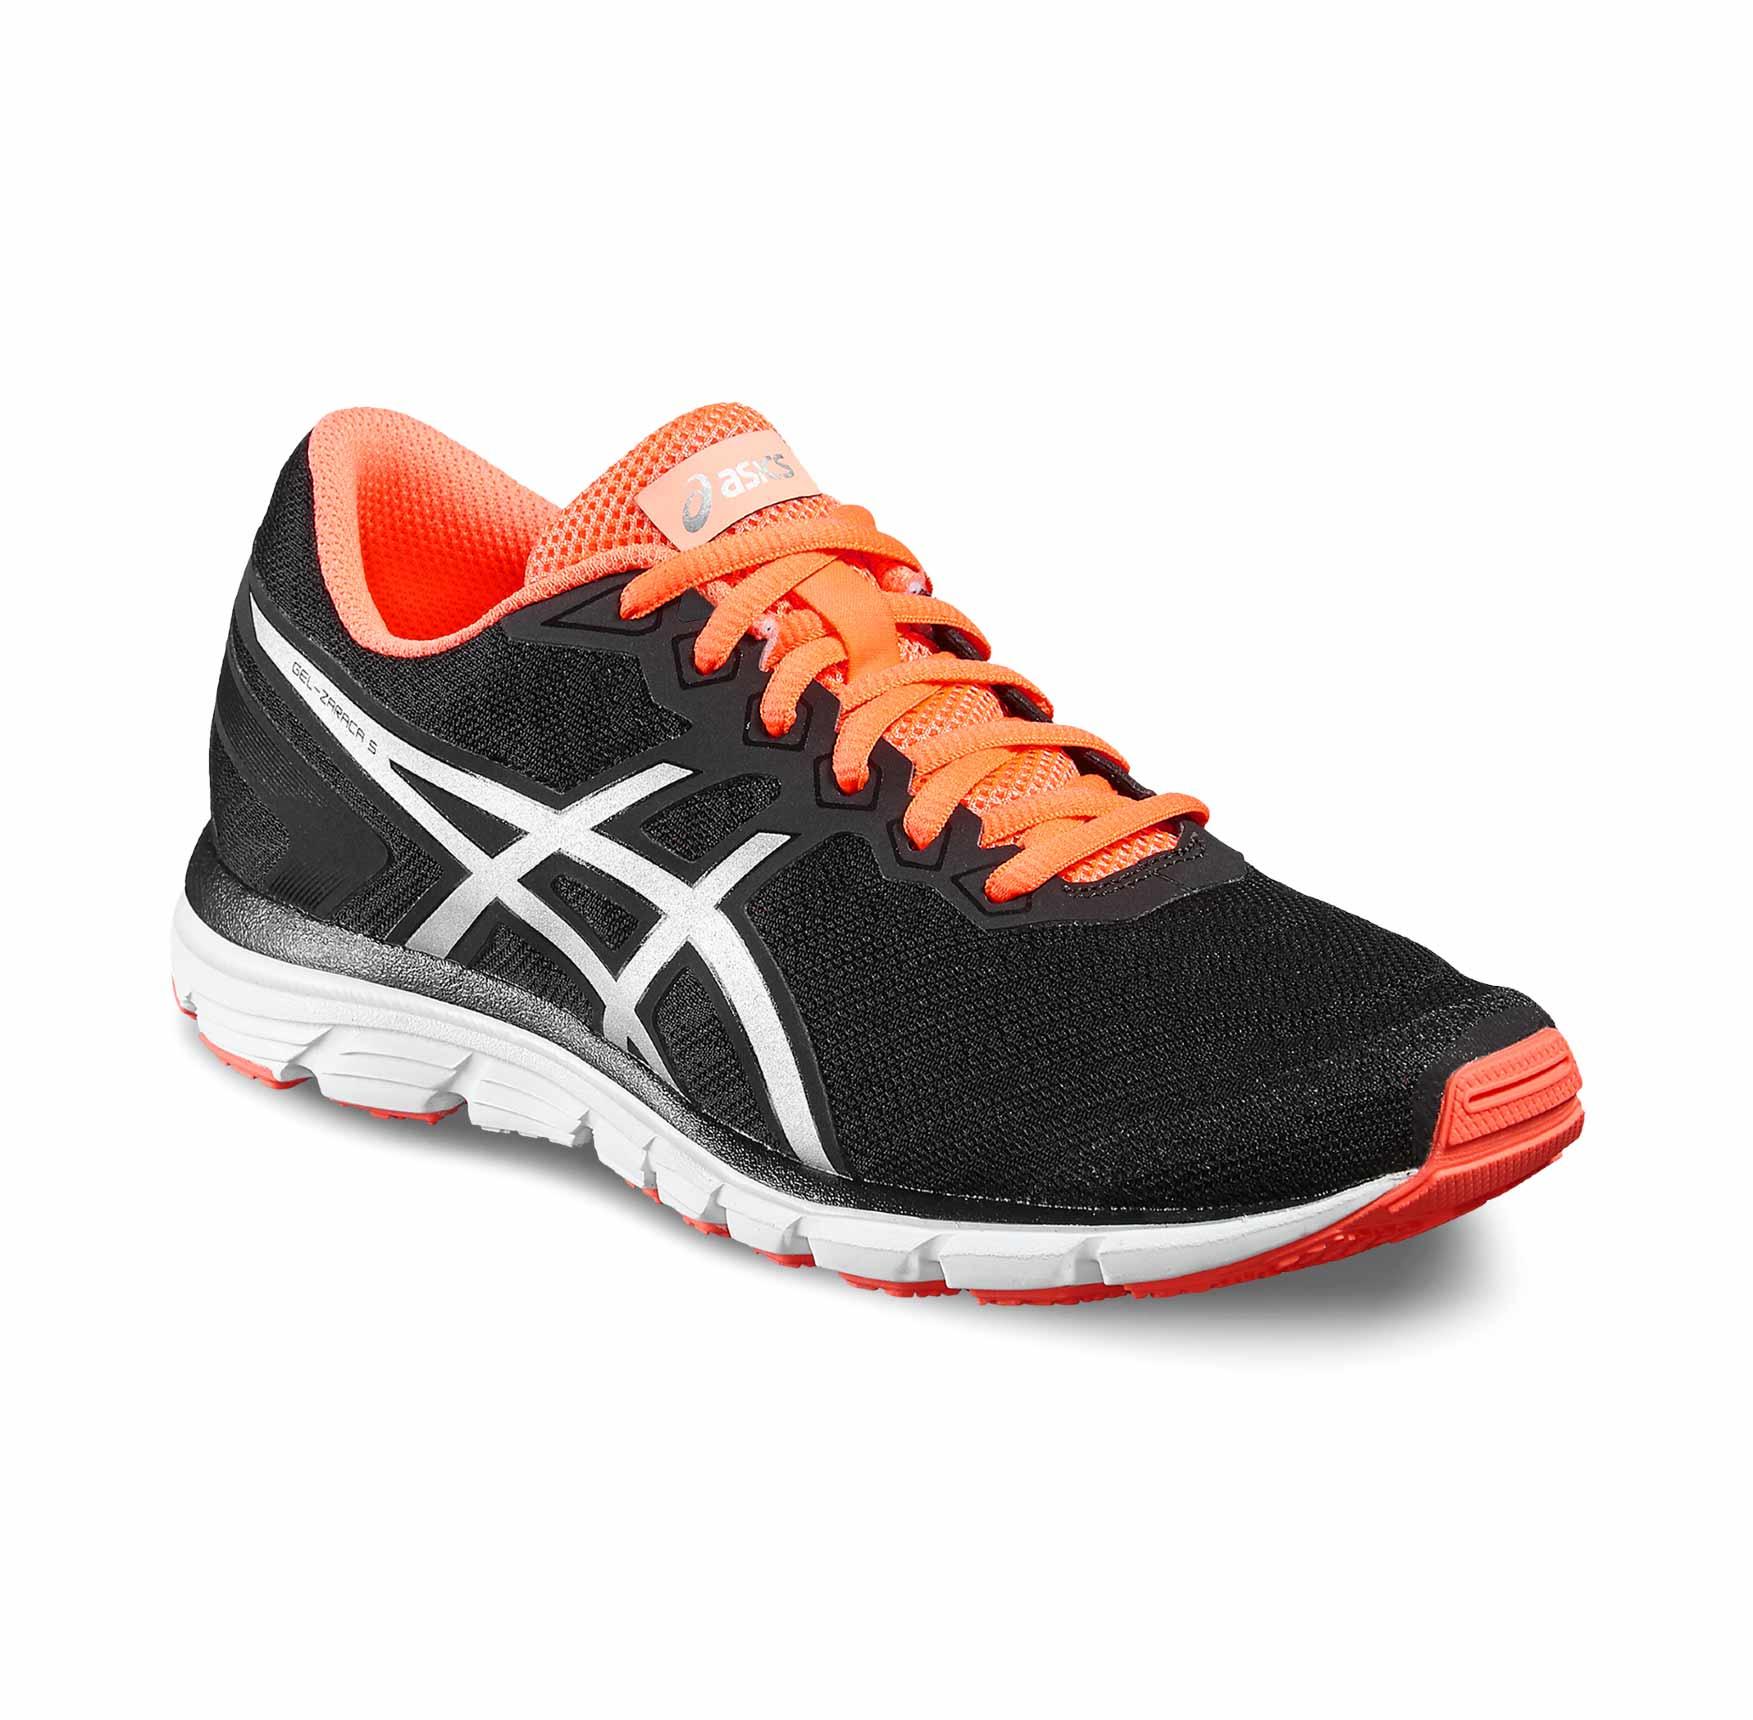 נעלי נשים - דגם Asics Gel Zaraca 5